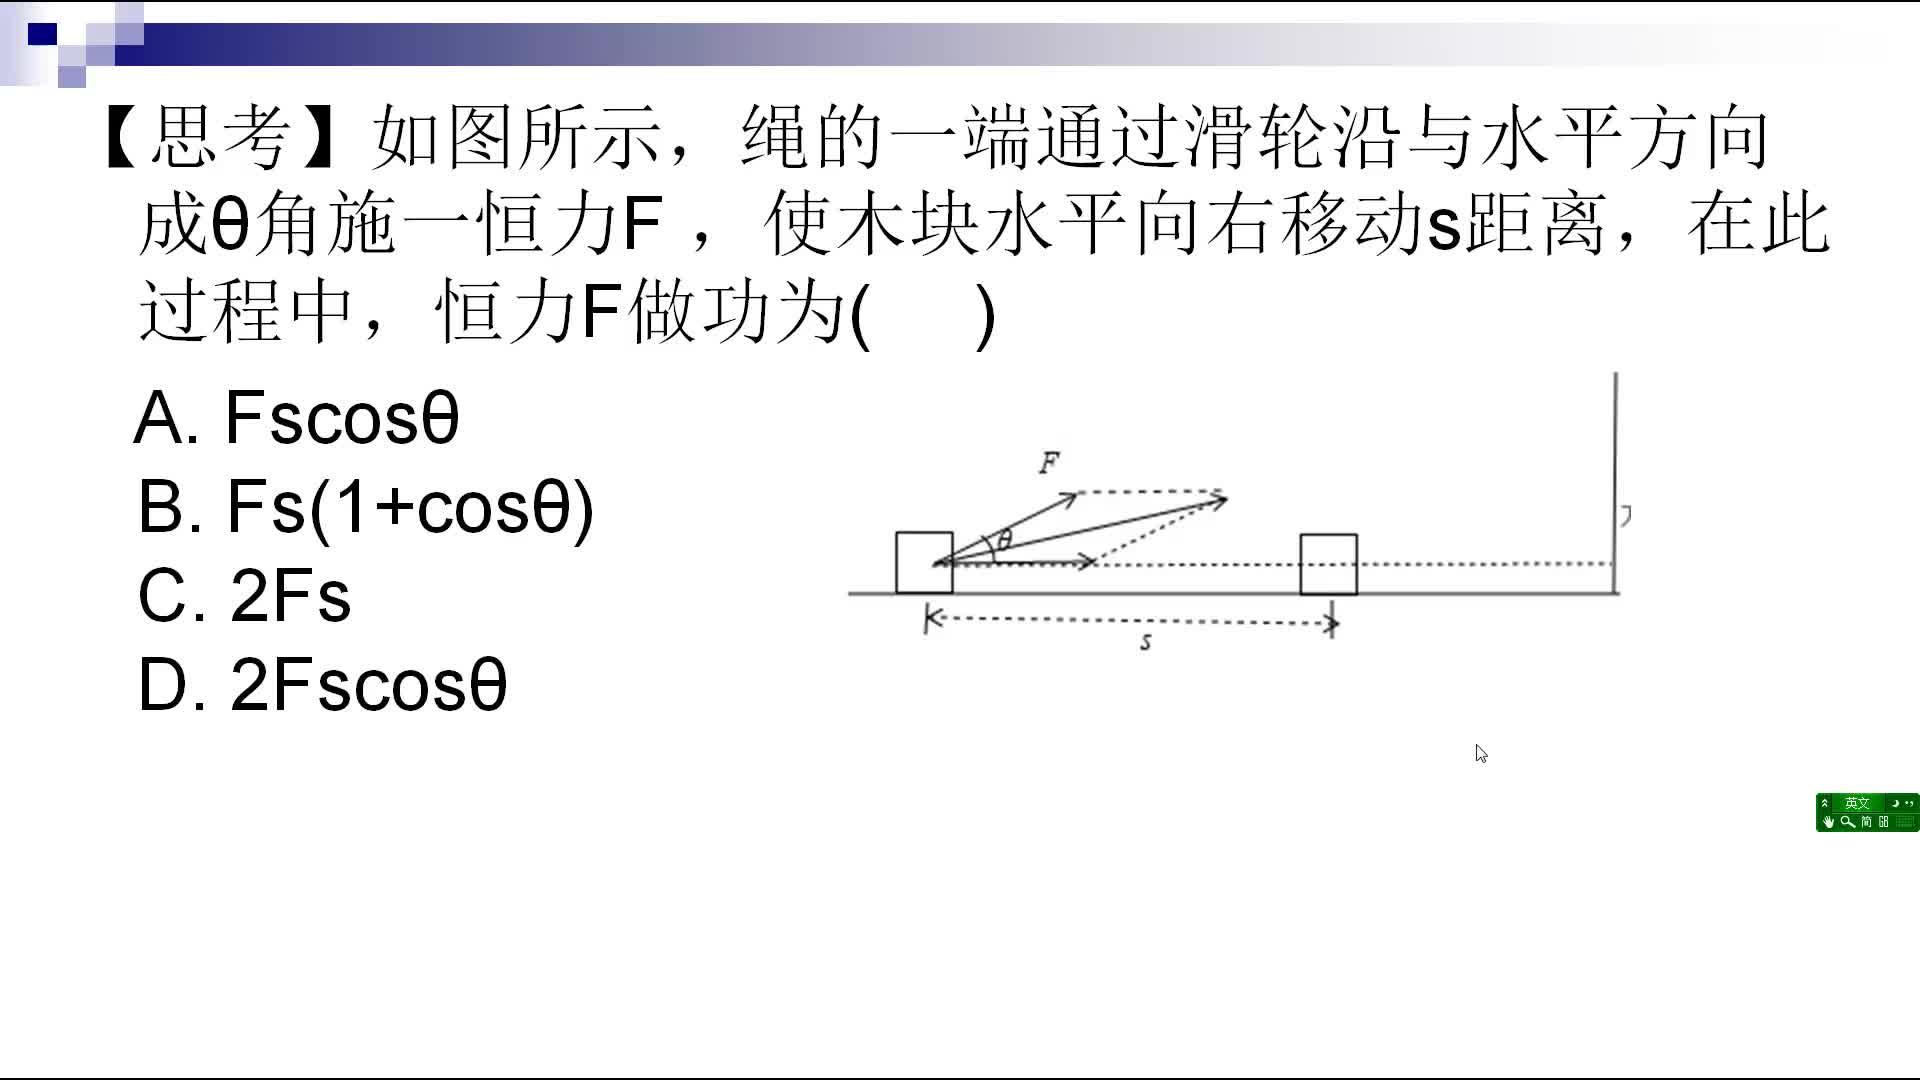 人教版高中物理必修二 机械能守恒定律7.1物体的位移与力的作用点的位移(机械能守恒定律难点辨析)-视频微课堂